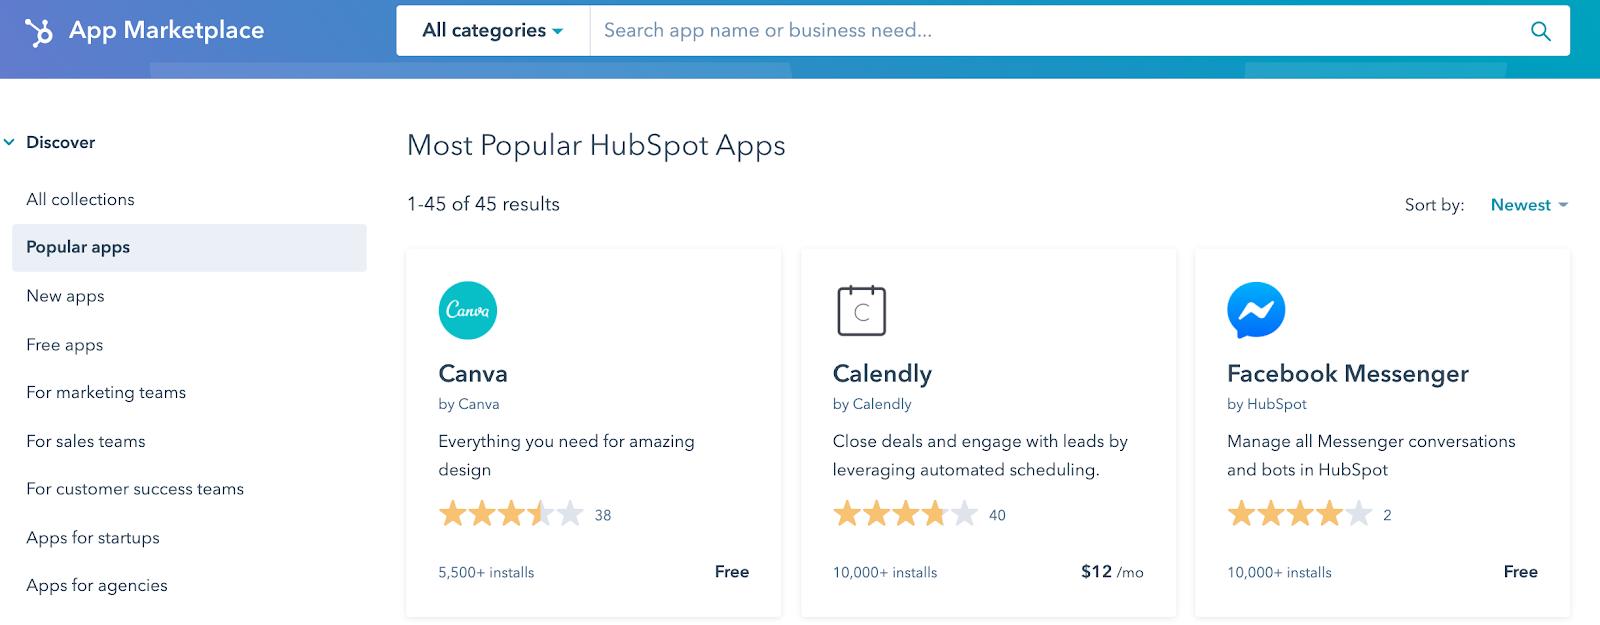 Screenshot of HubSpot App Marketplace